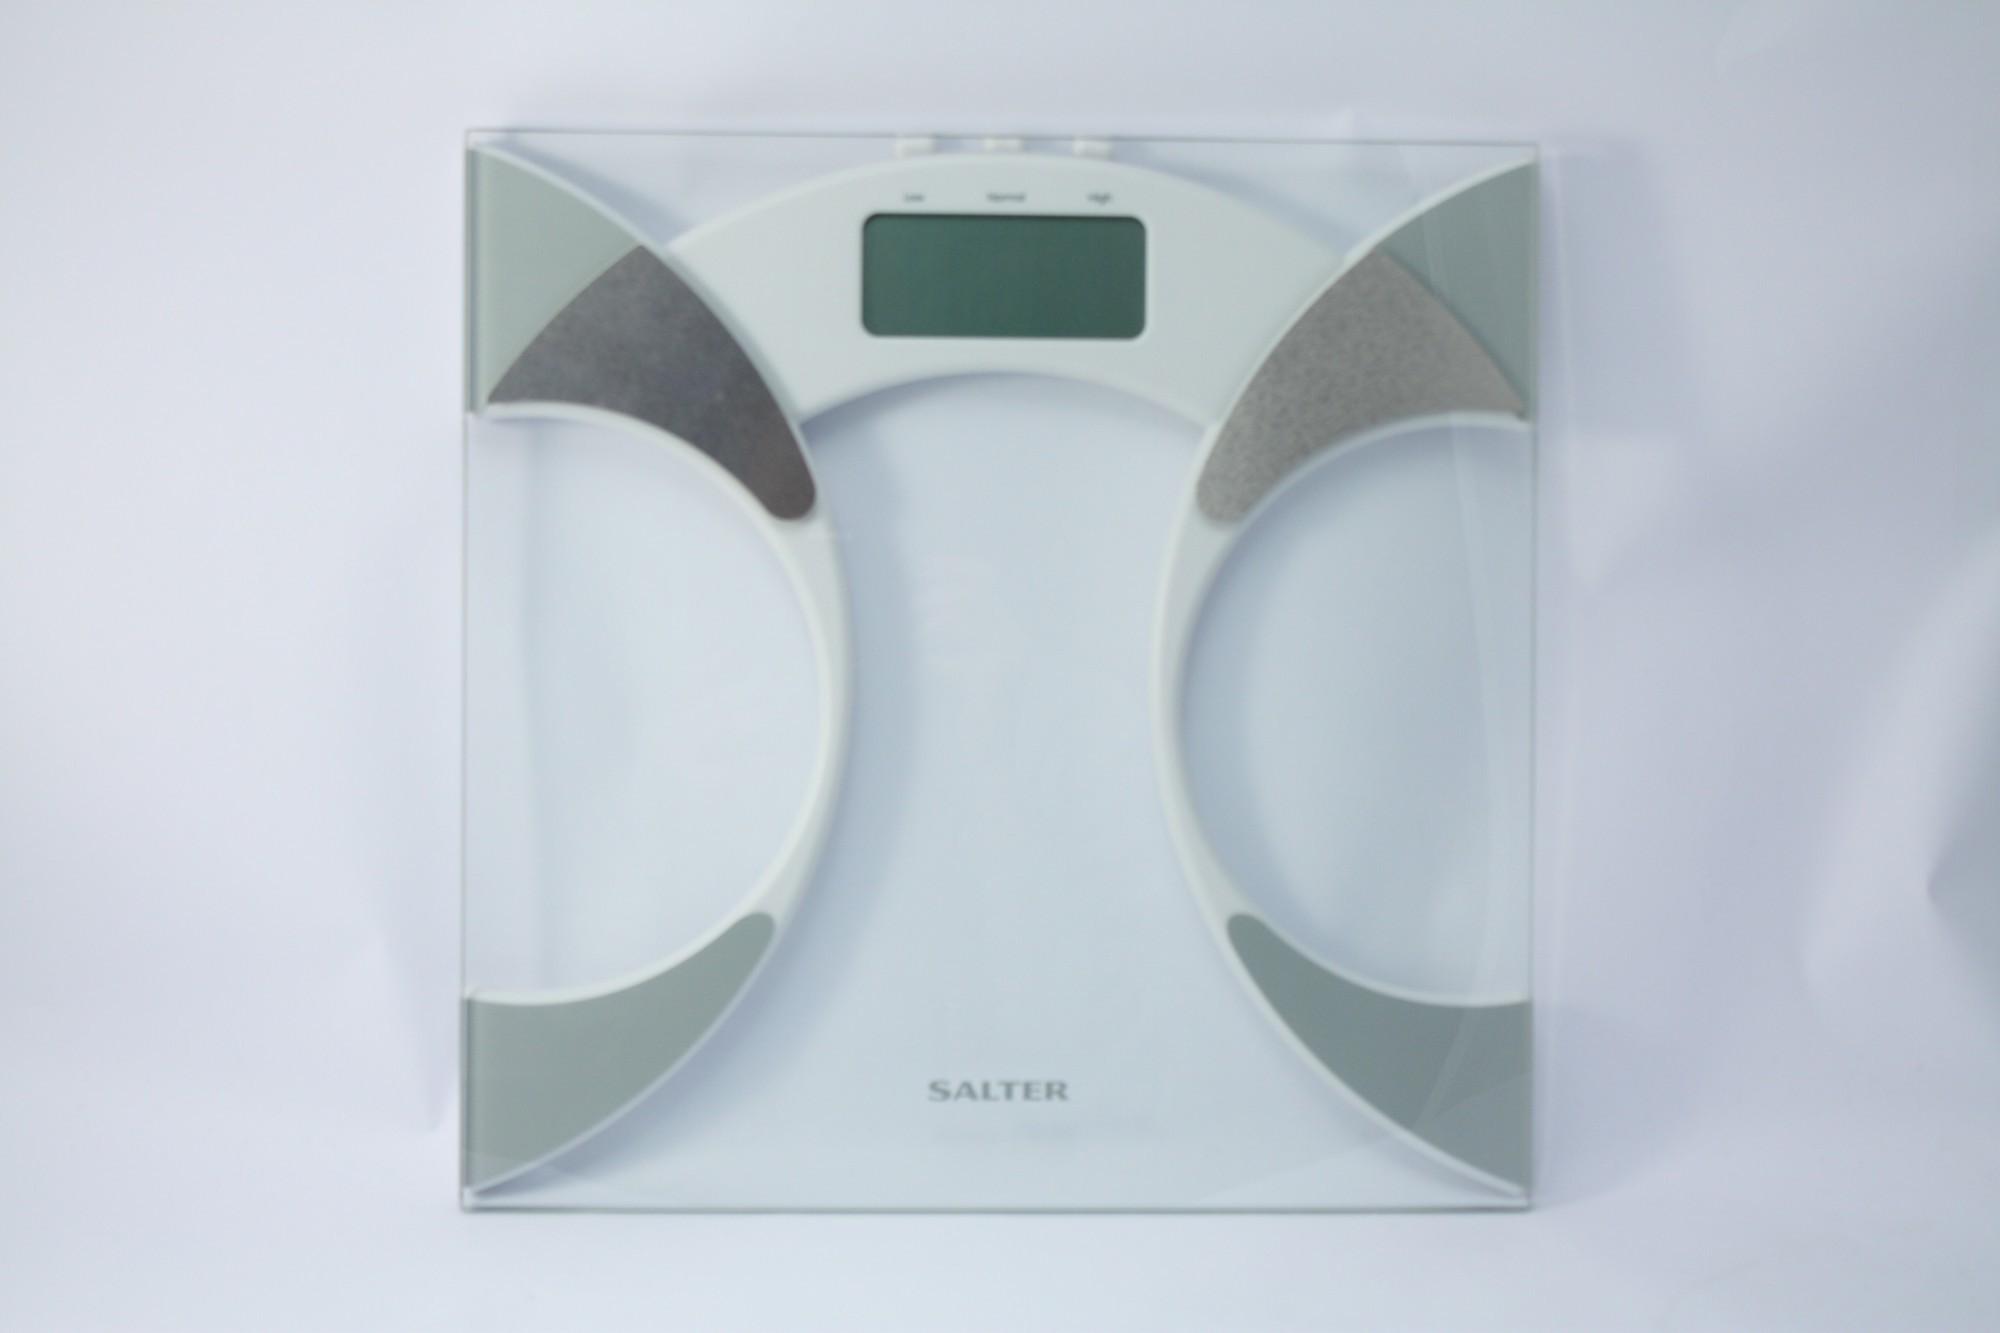 Ultra Slim Personenwaage / Waage für Körperfett [Salter]